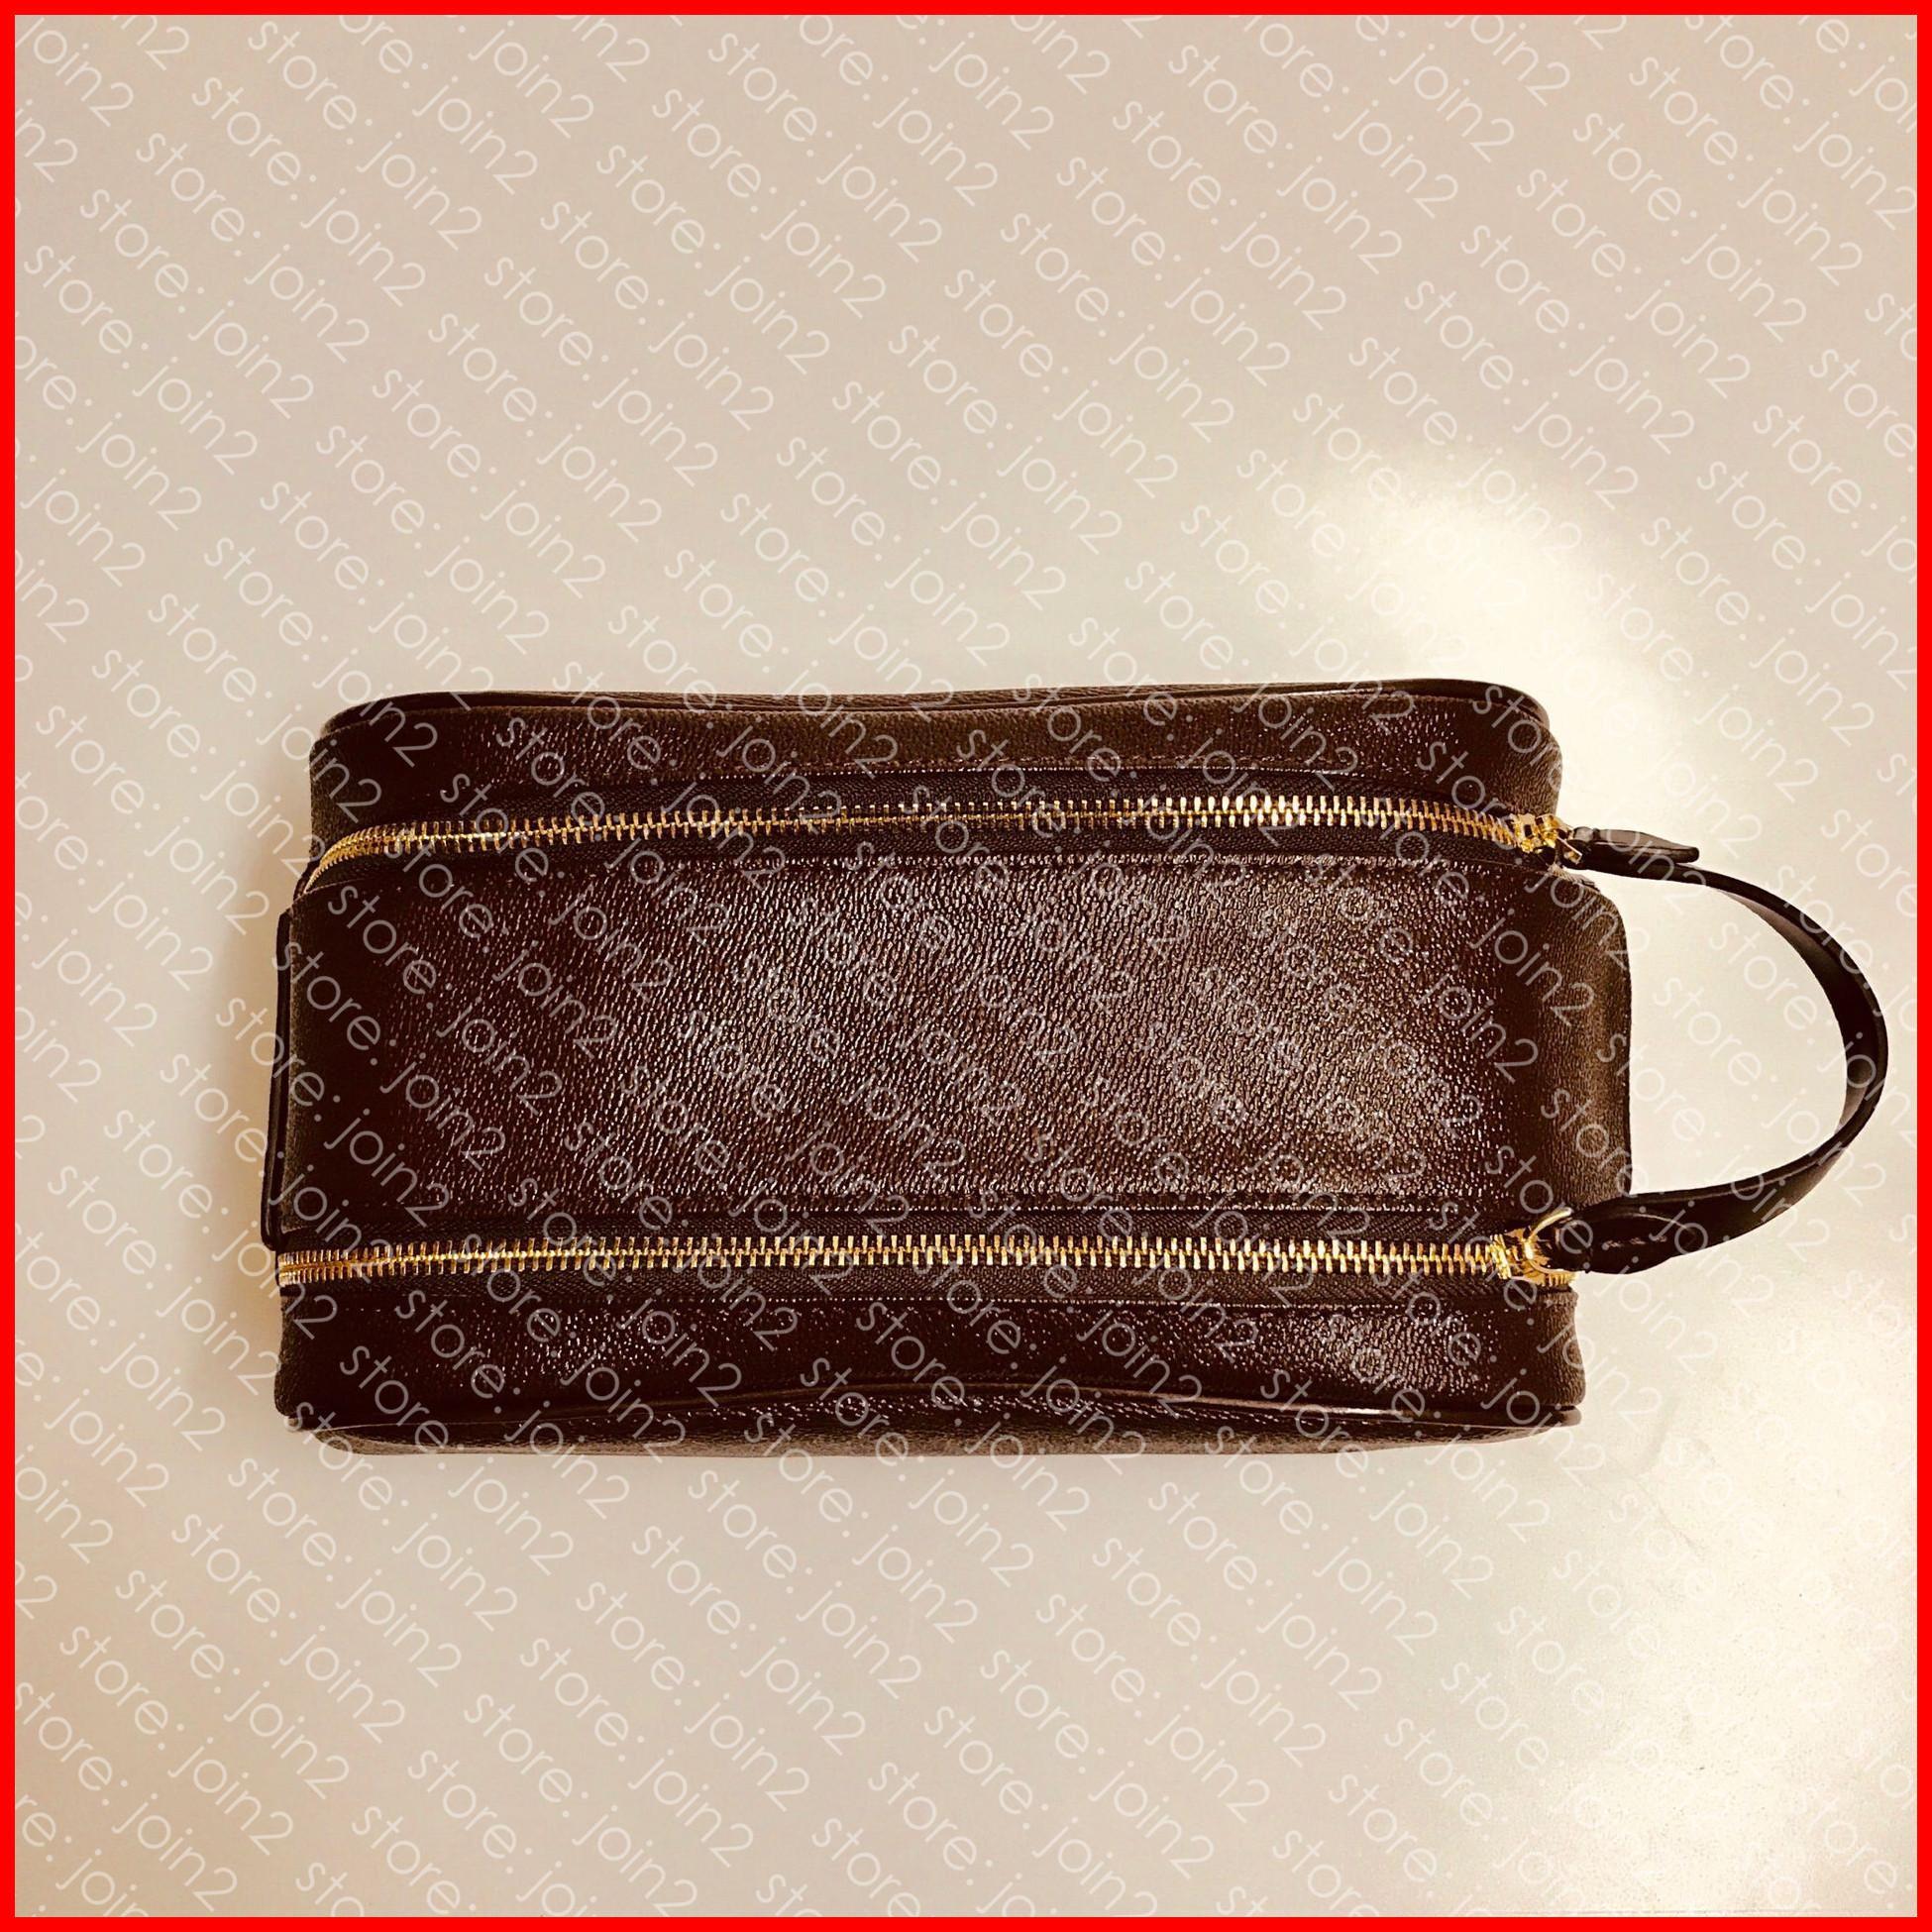 KING SIZE حقيبة أدوات الزينة 25 M47528 مصمم أزياء النساء الرجال في مرحاض التجميل الحقيبة الفاخرة الجمال حالة Pochette اكسسوارات حقيبة عدة N47527